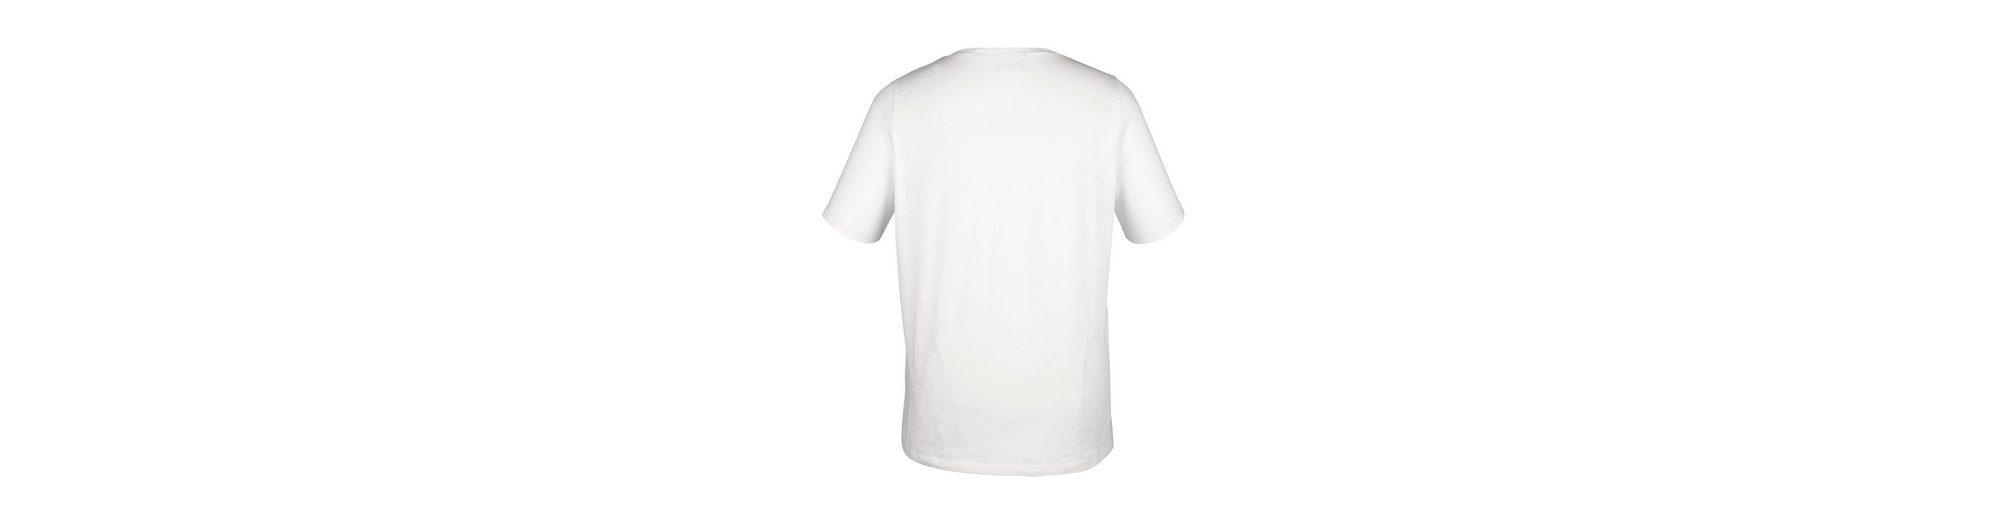 MIAMODA Shirt mit Sternmotiv aus Dekosteinen Günstige Spielraum Billig Verkauf 100% Original Ebay Zum Verkauf Billig Verkauf Echten 825qxIyX